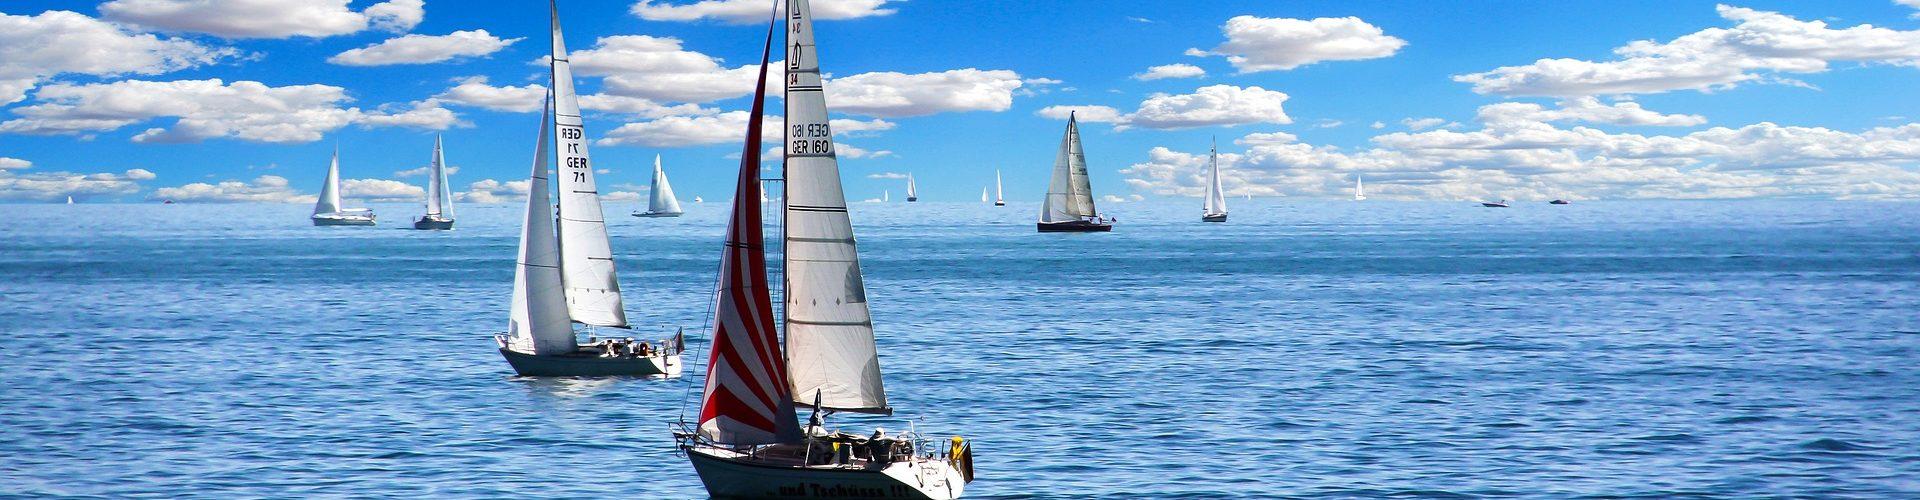 segeln lernen in Marl segelschein machen in Marl 1920x500 - Segeln lernen in Marl